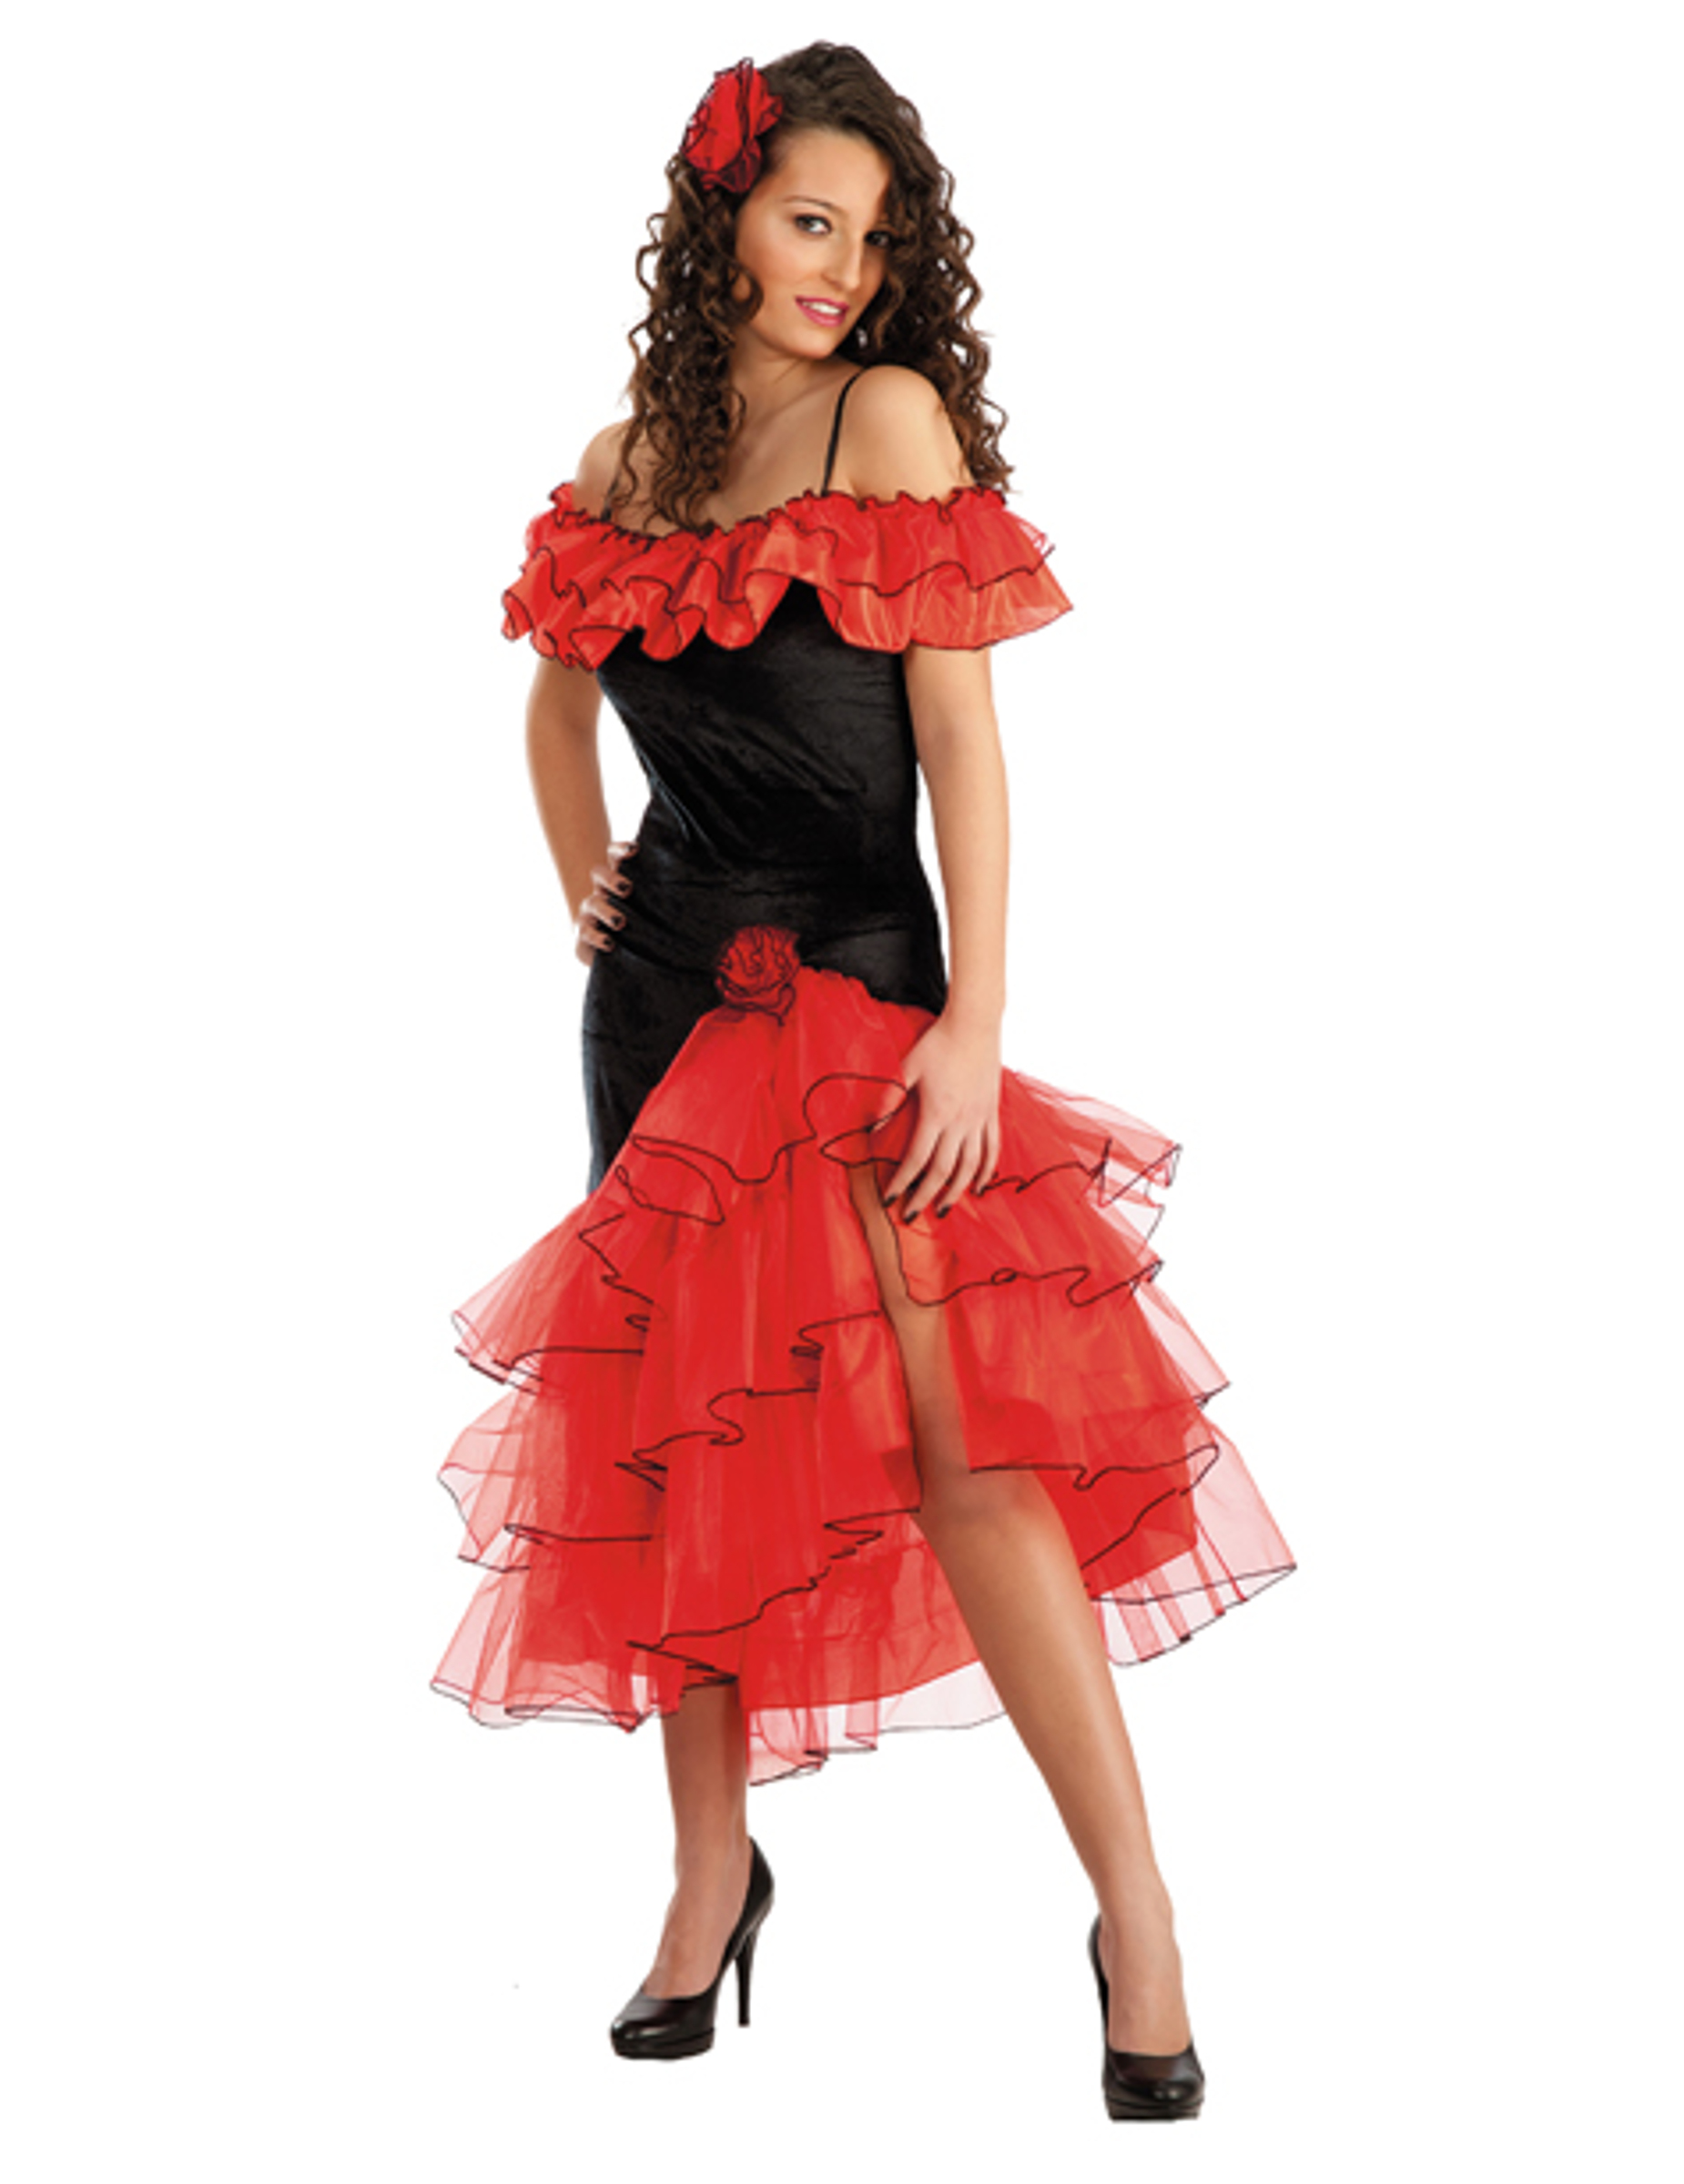 d guisement danseuse espagnole femme deguise toi achat. Black Bedroom Furniture Sets. Home Design Ideas